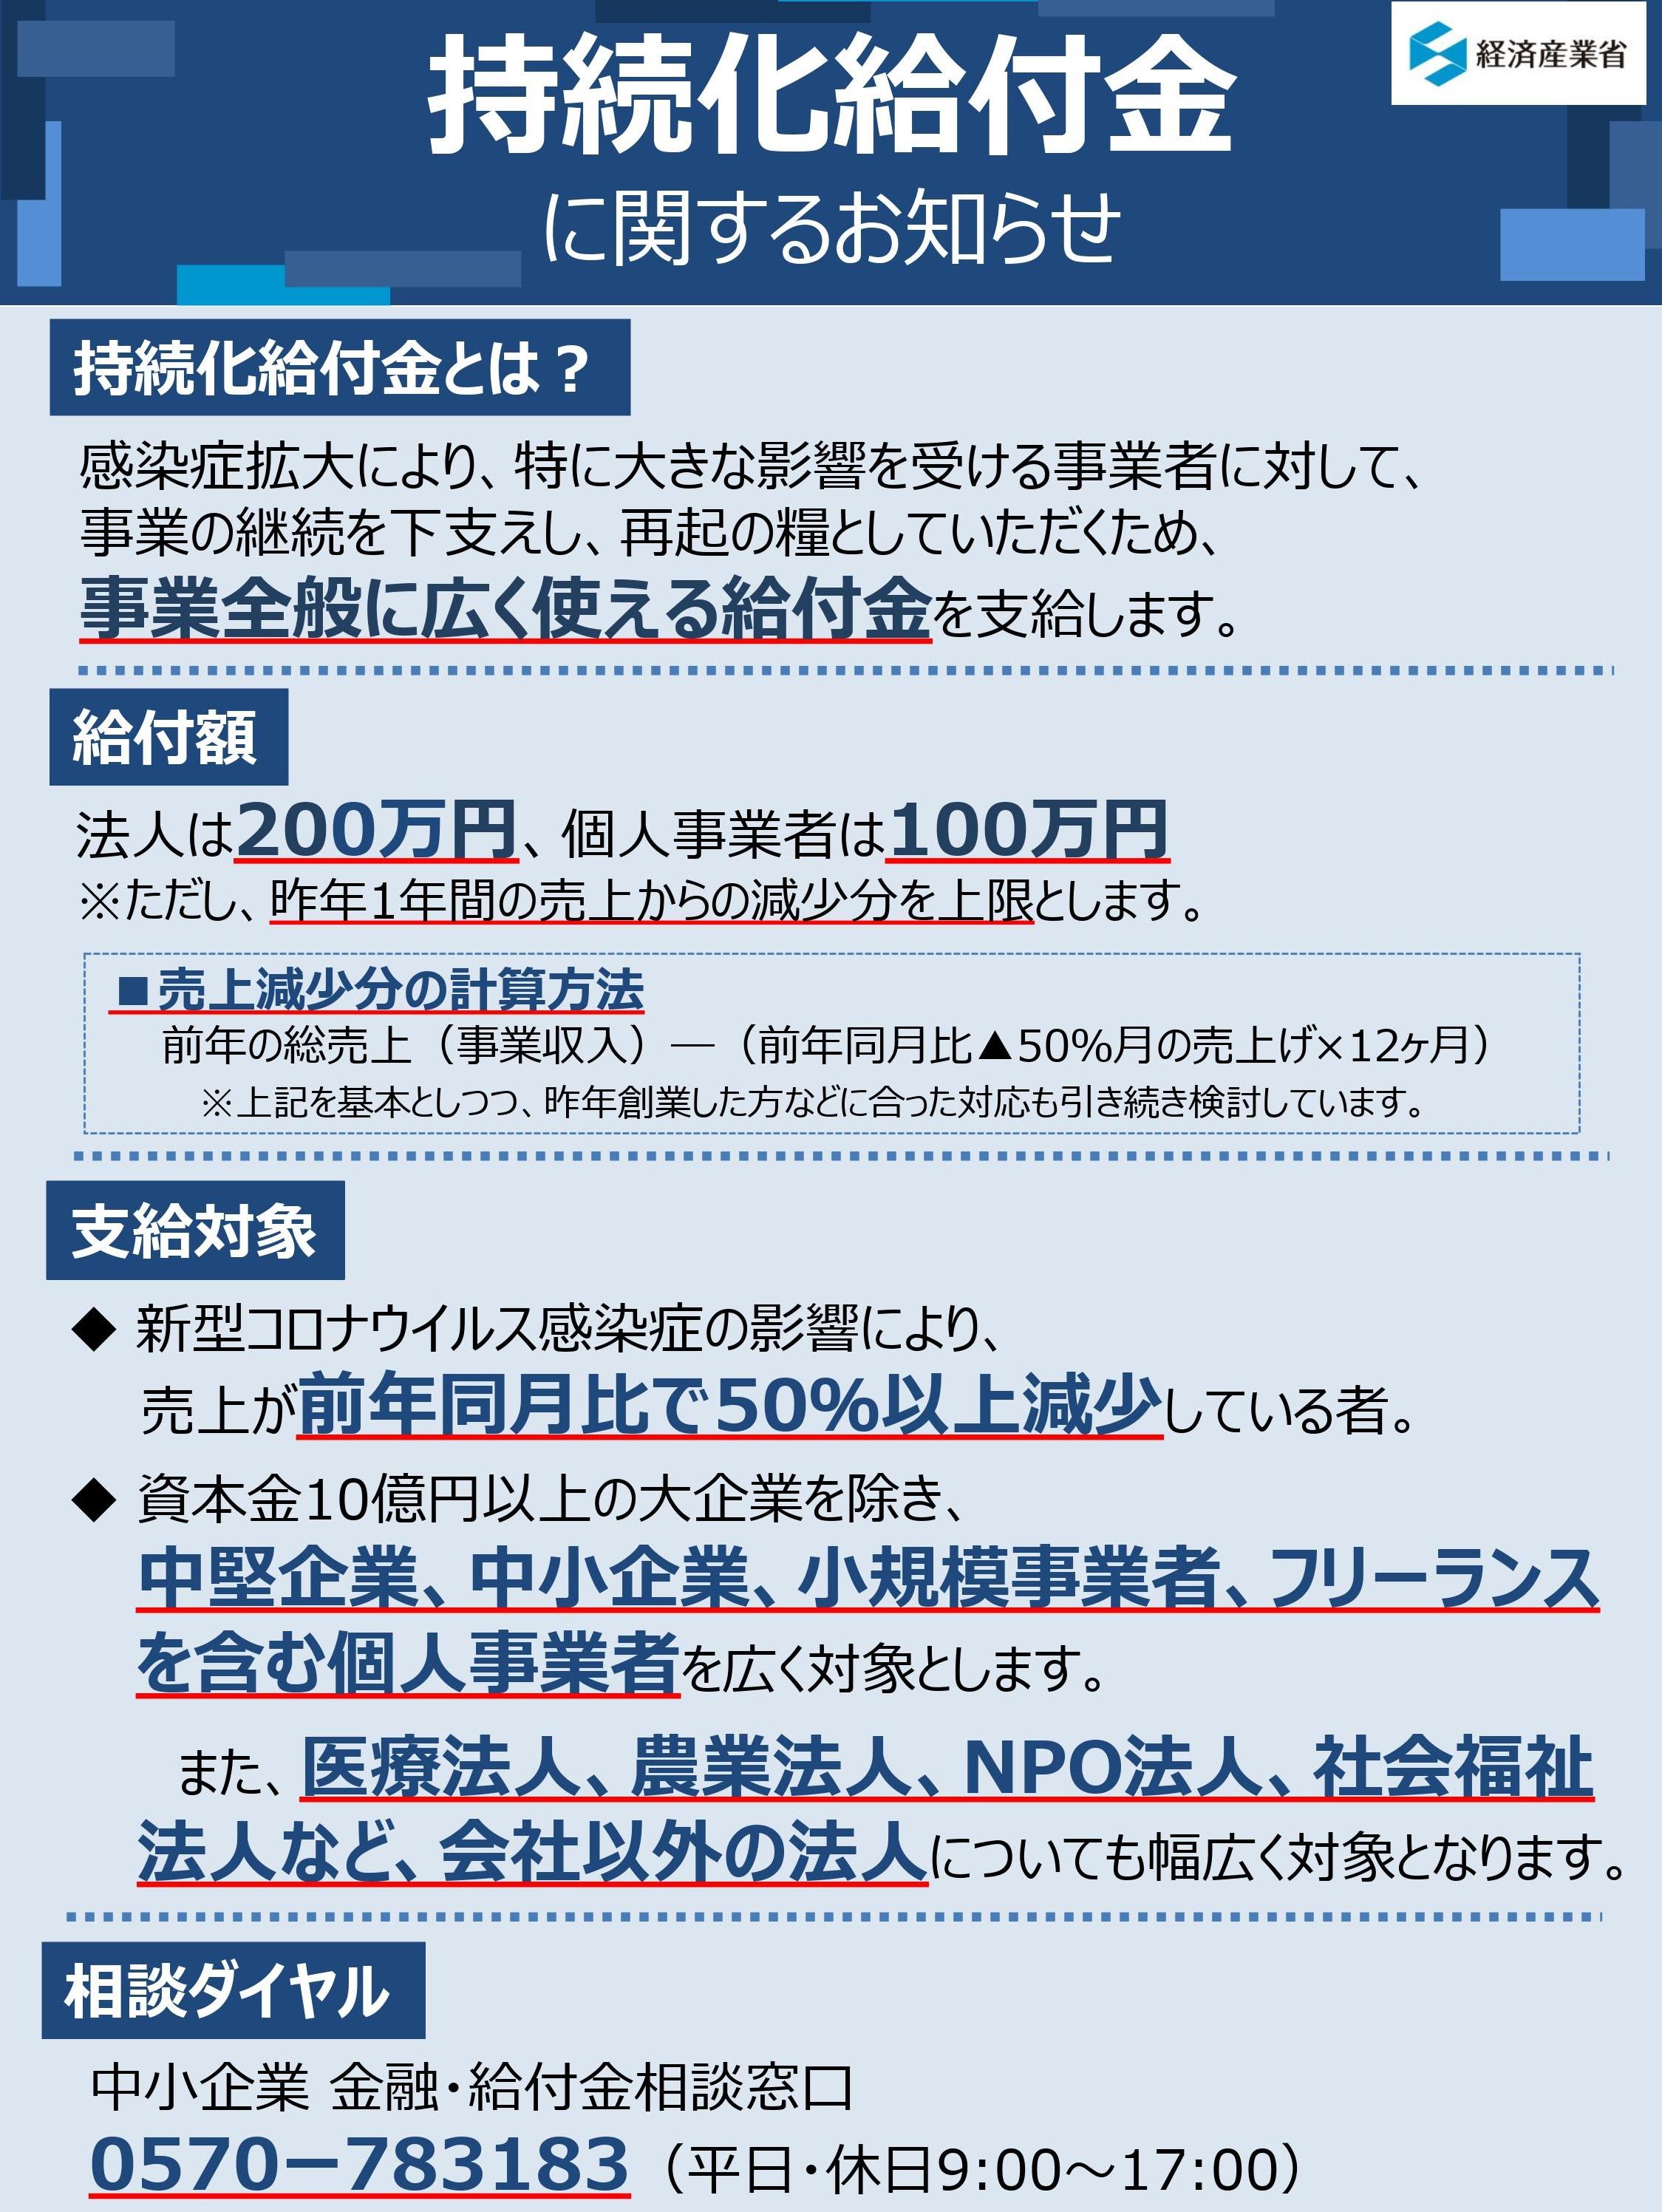 兵庫 新型 最新 ウイルス コロナ 県